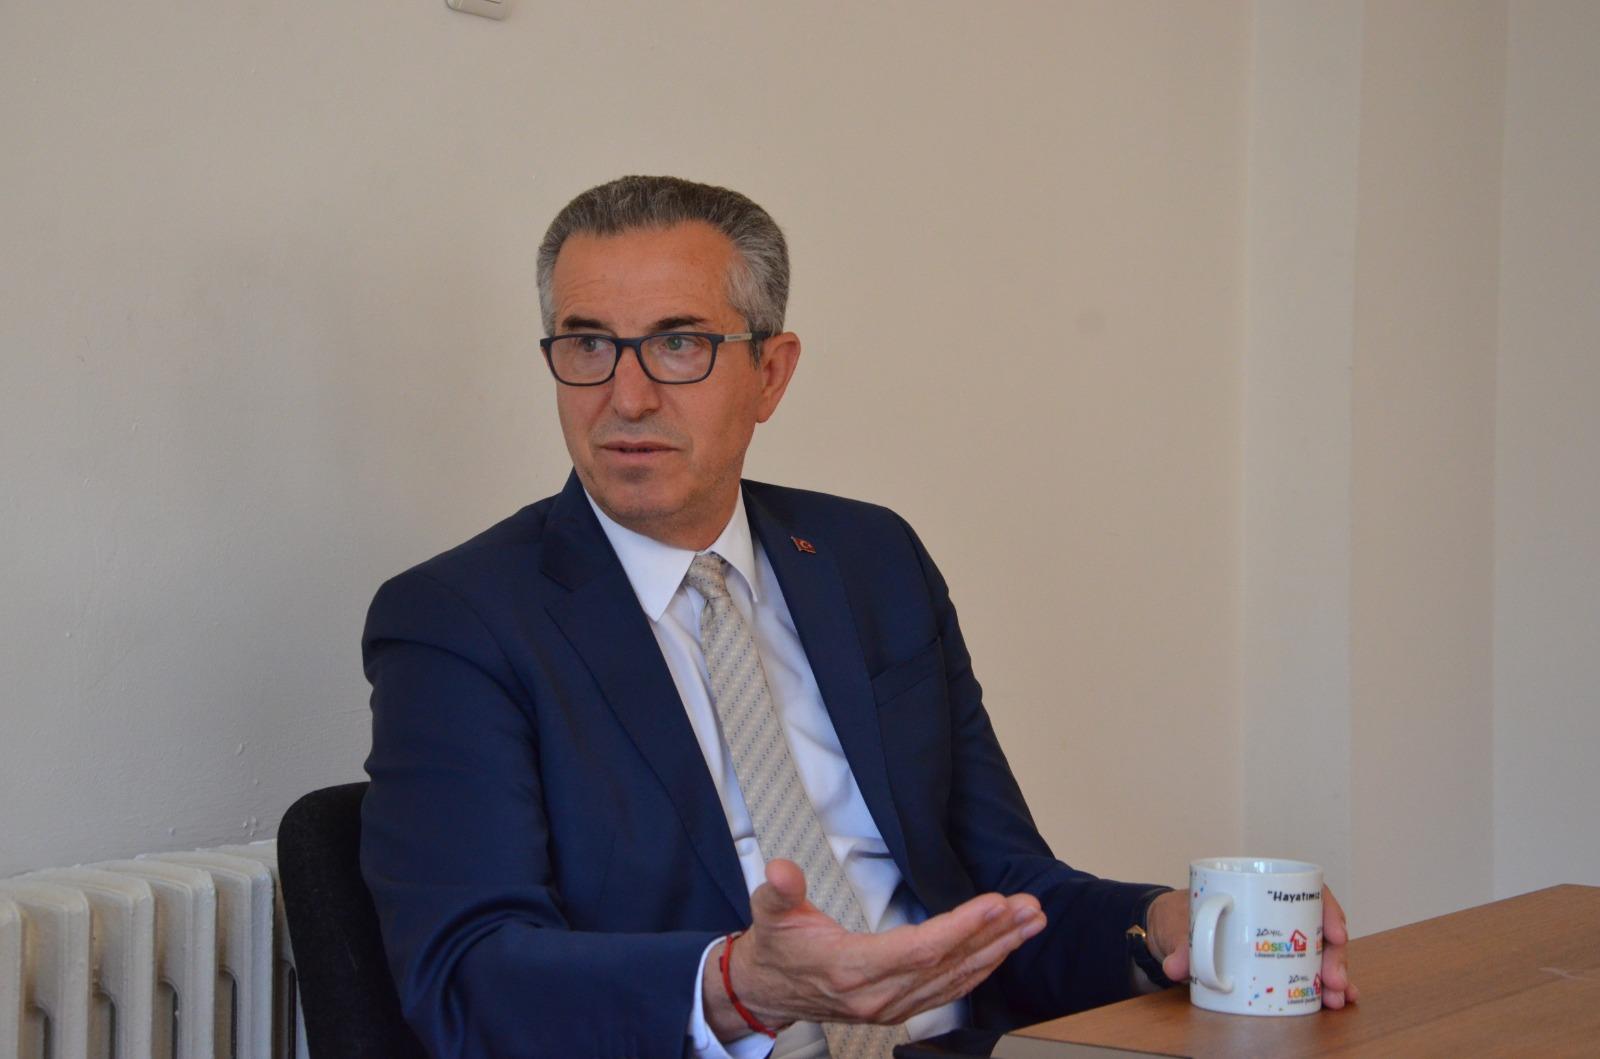 Başkan Arda'dan yeni İzmir Valisi'ne 'Çernobil' çağrısı